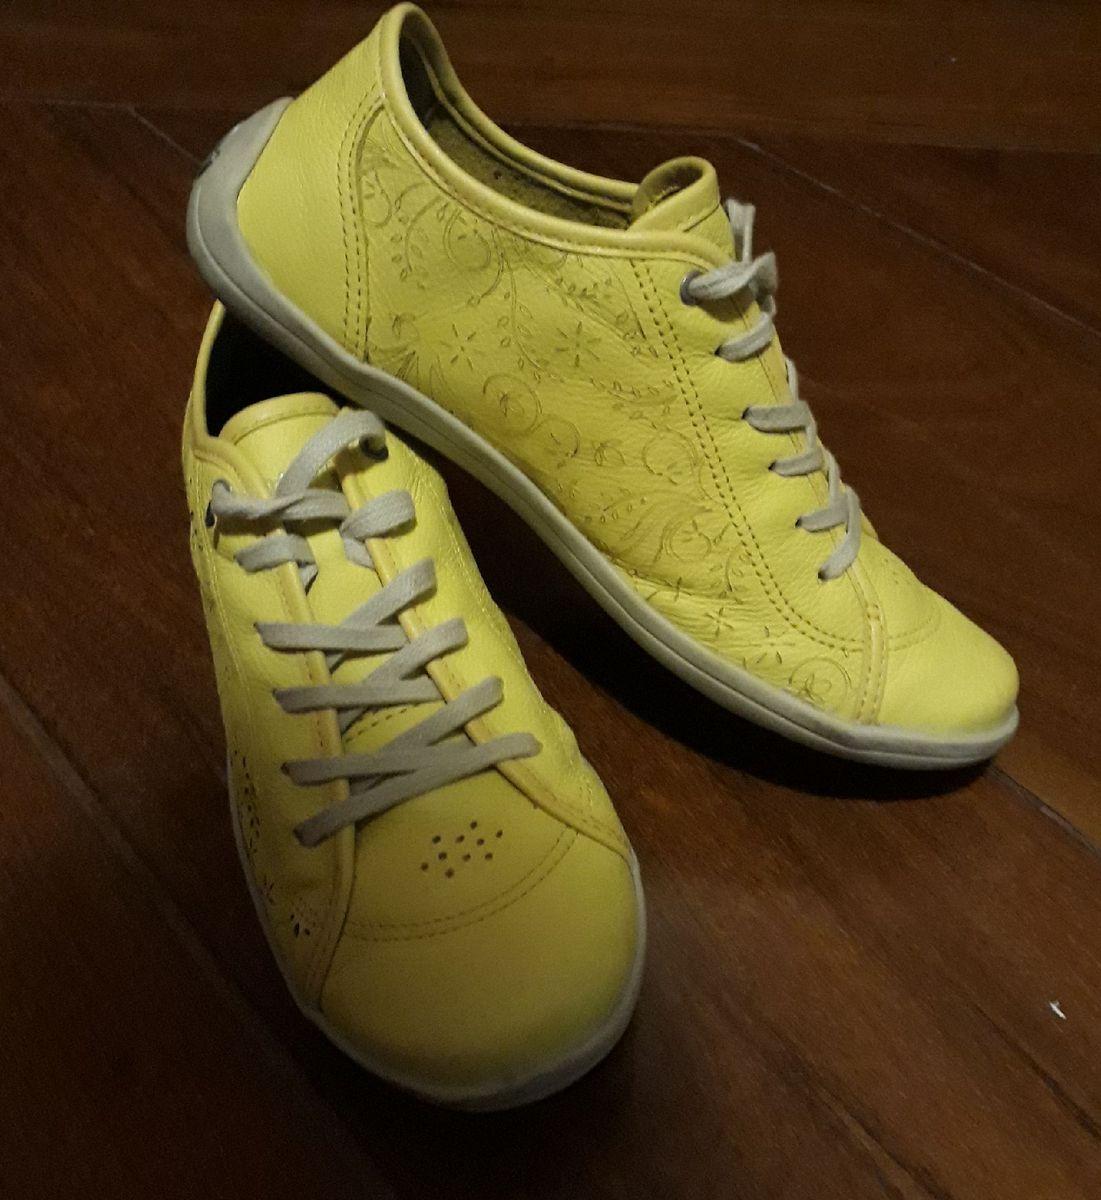 1e5cd970d3 tênis amarelo - tênis cravo e canela.  Czm6ly9wag90b3muzw5qb2vplmnvbs5ici9wcm9kdwn0cy85nzy4odk4lzdhmtrmngvhytk3ymrjnzy5yjeyyzflzjg0zmqznwzilmpwzw  ...